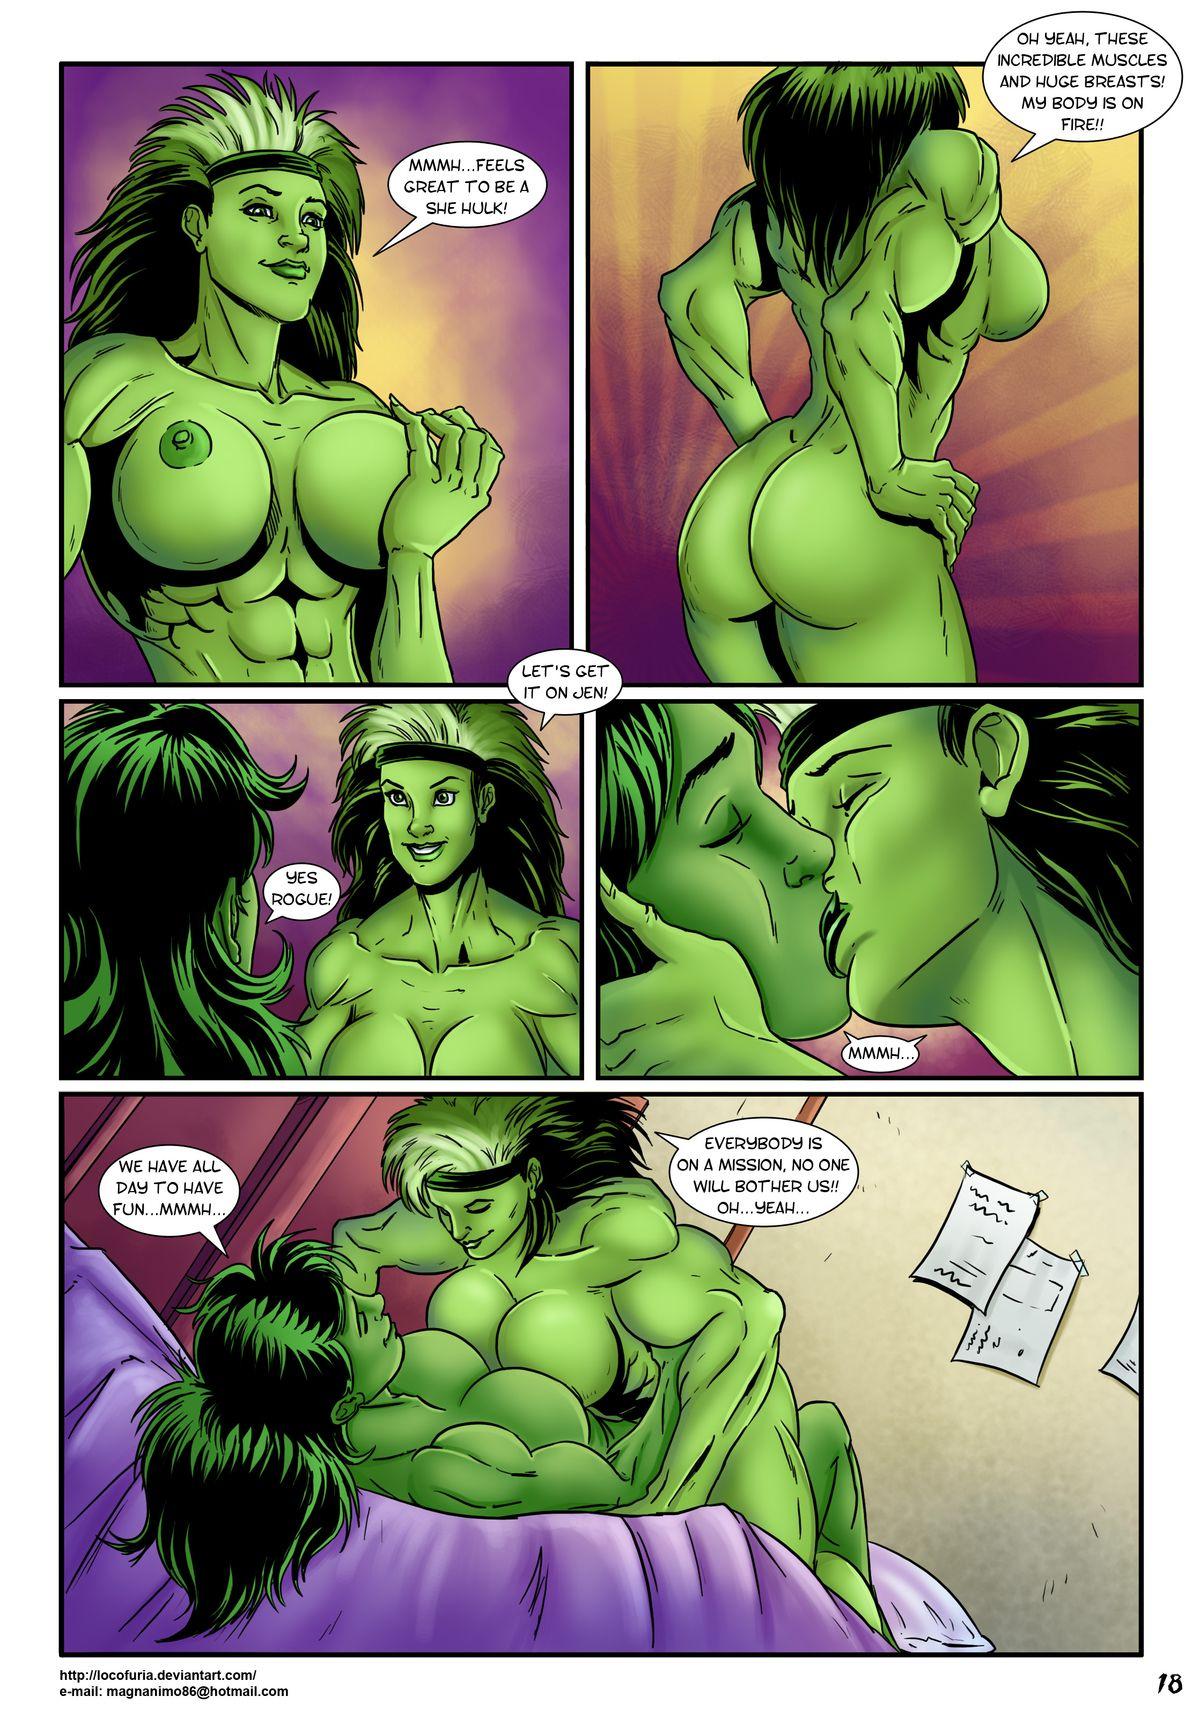 Hulk porn she